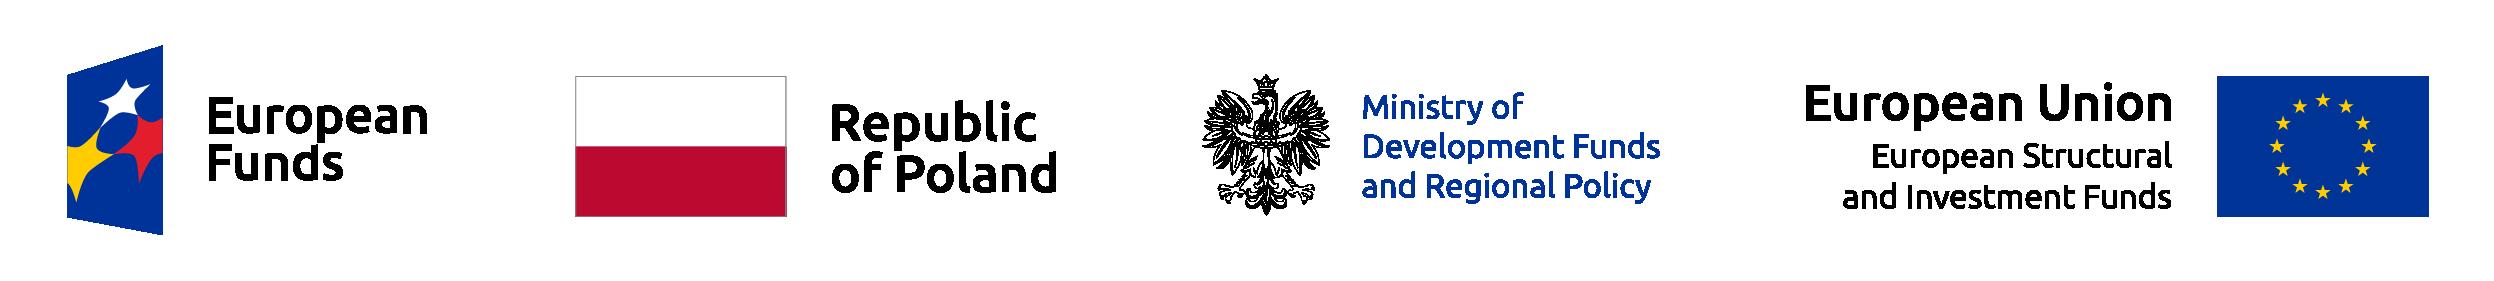 Angielska wersja zestawienia logotypów